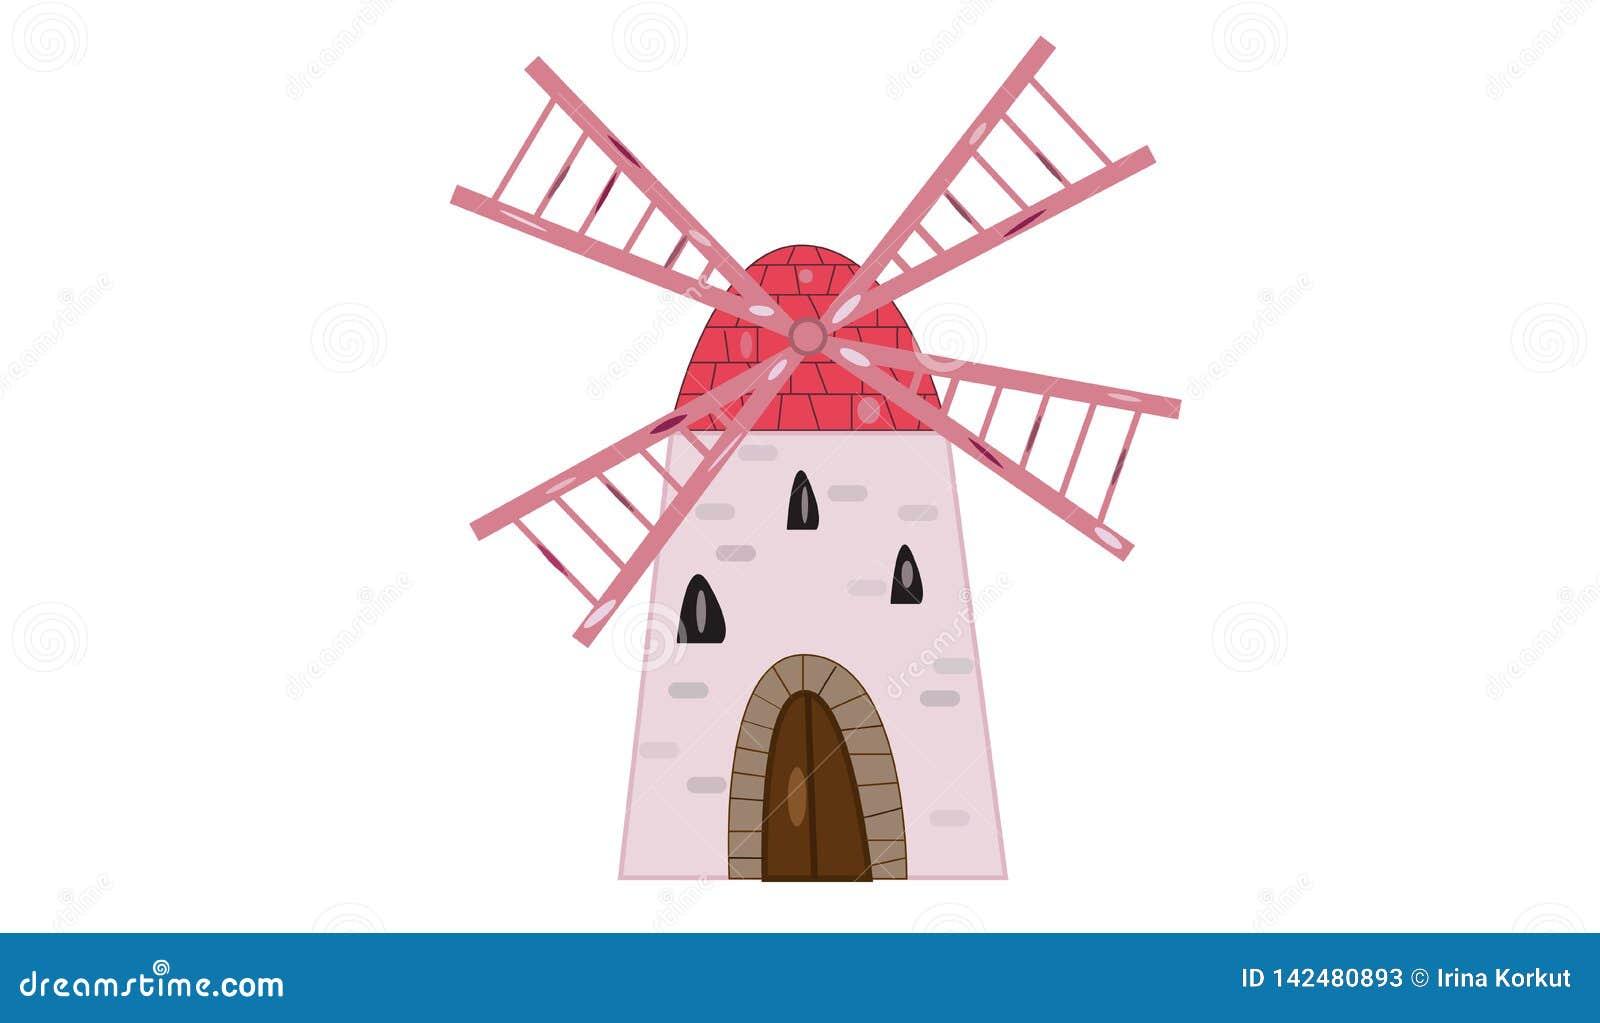 De oude windmolenillustratie isoleerde witte achtergrond en leuke roze vleugels en steendeur